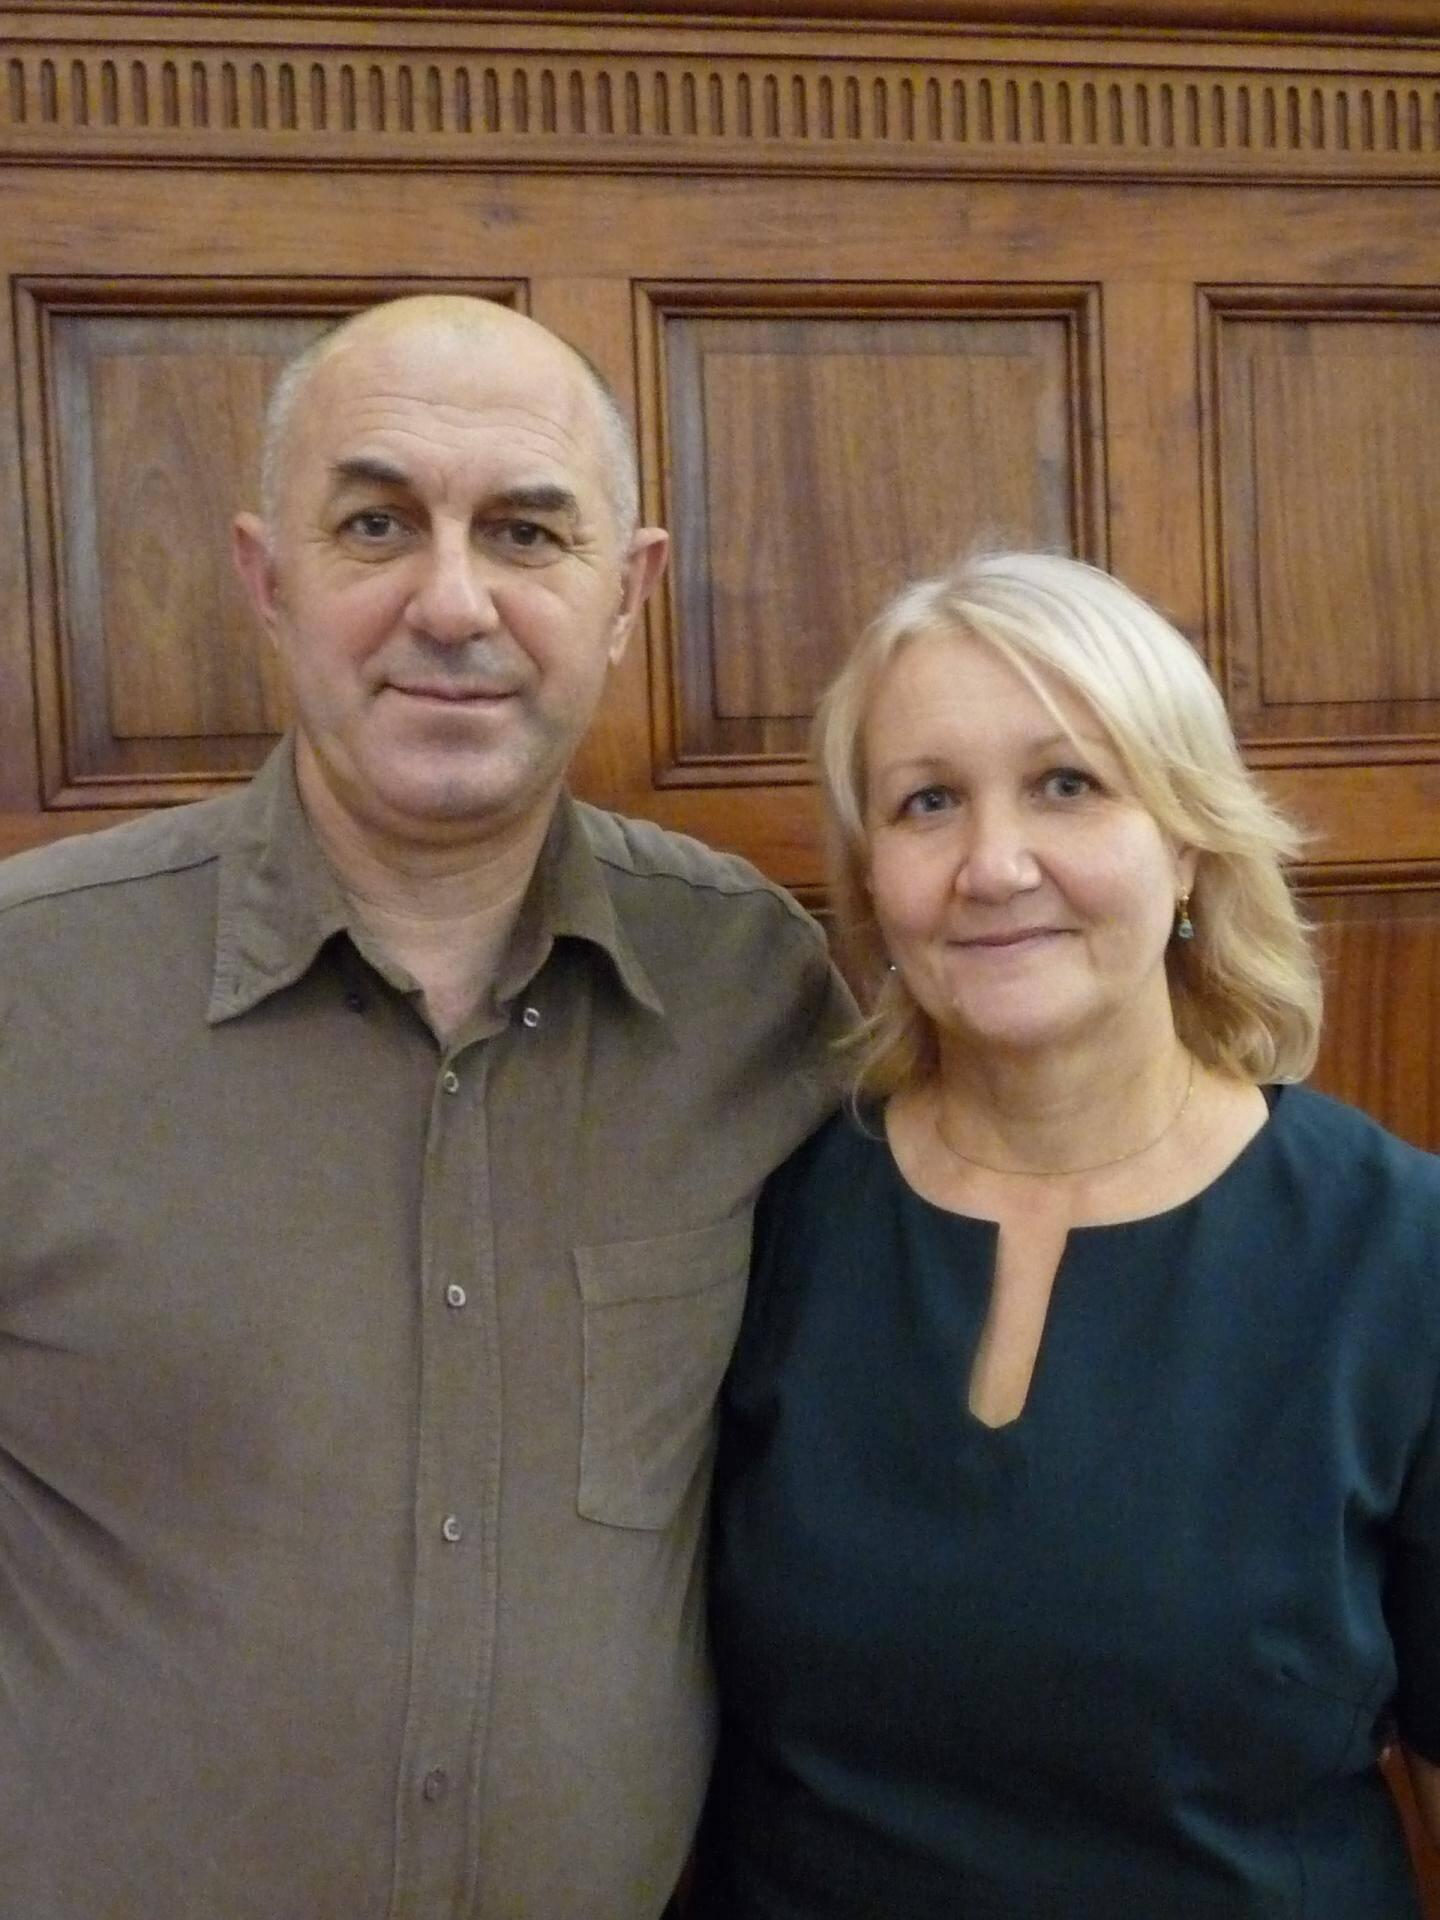 Vasyl Korovyak, chef de chantier, et Svitlana Ishchak, femme au foyer.